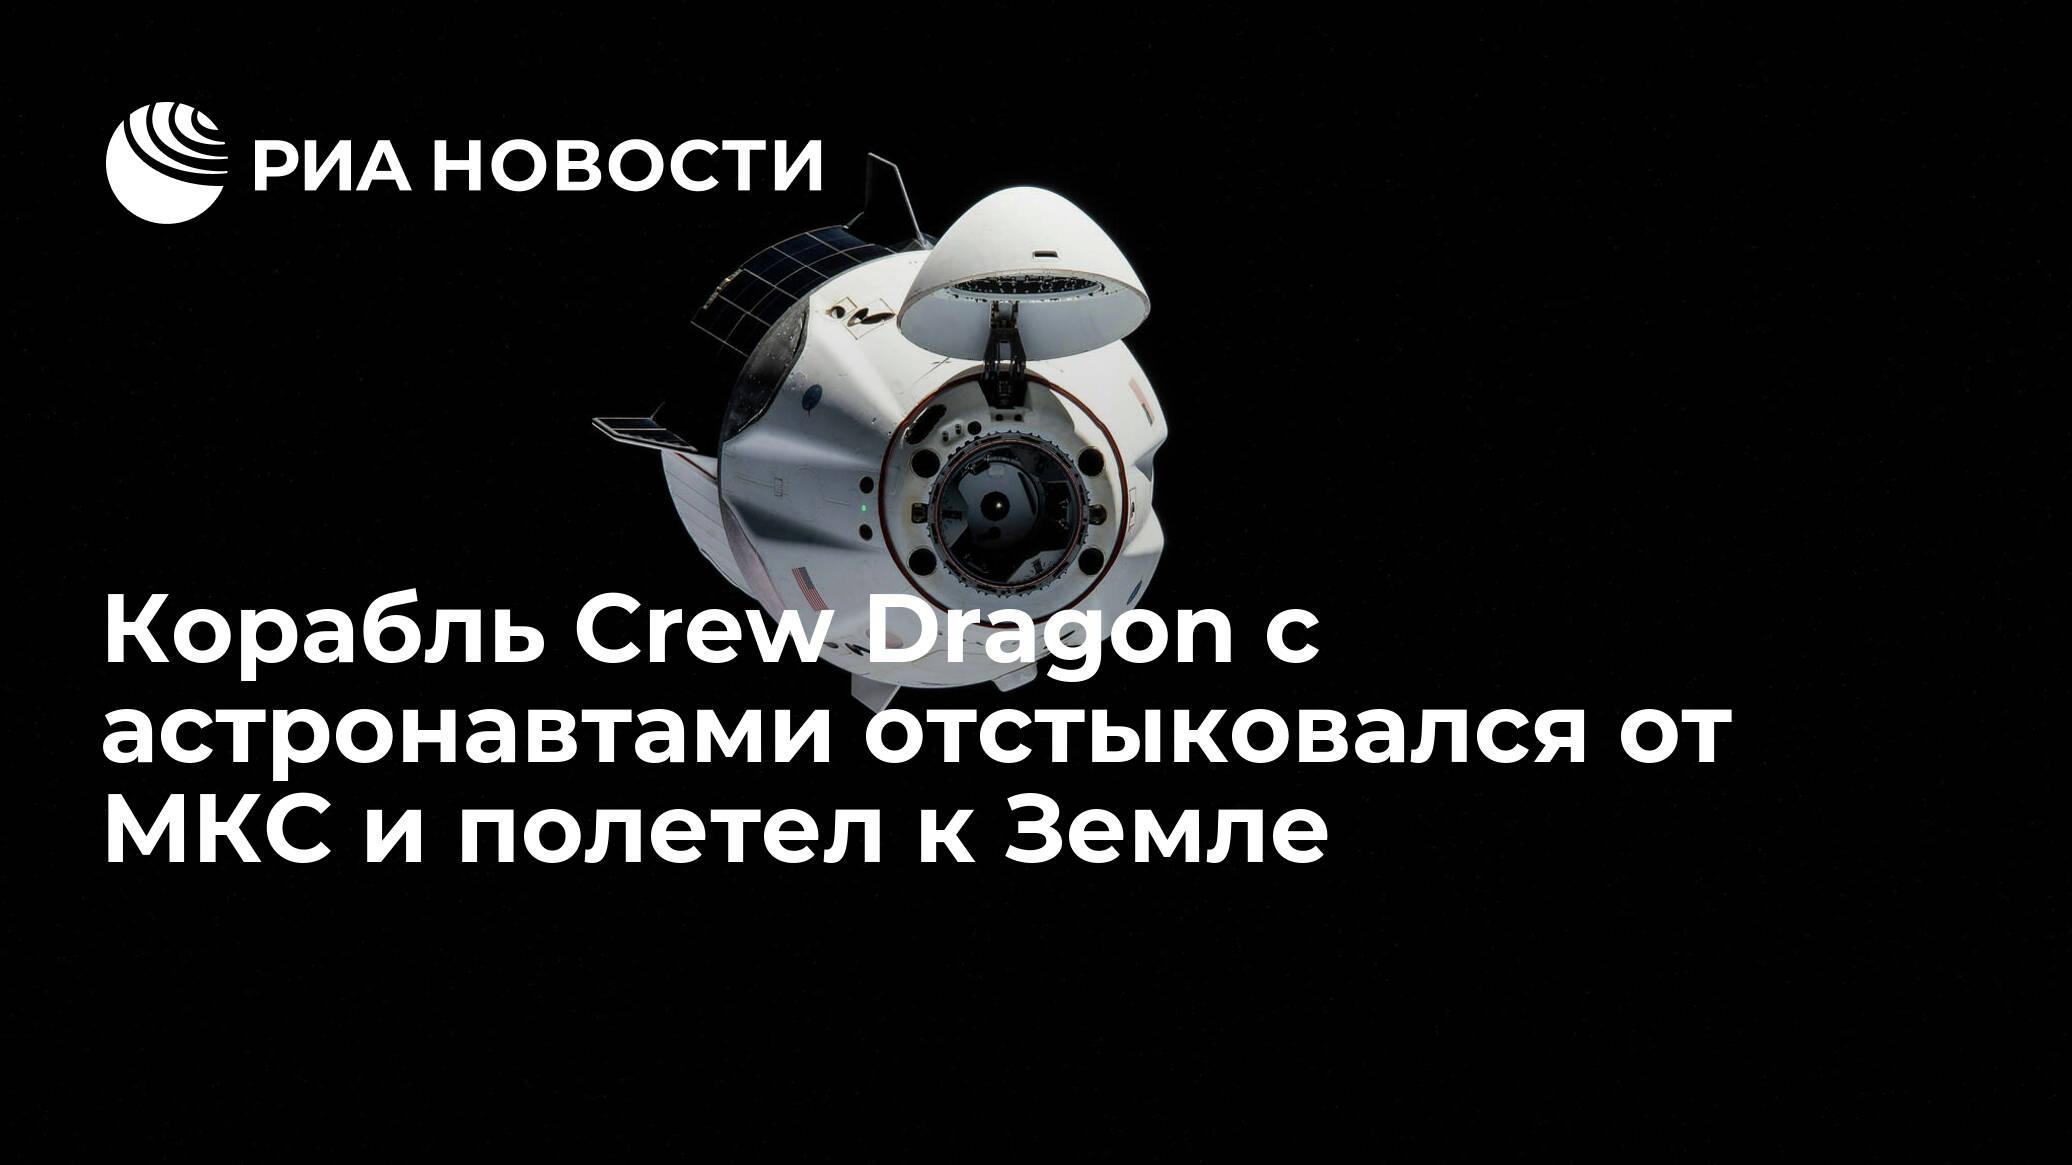 Корабль Crew Dragon с астронавтами отстыковался от МКС и полетел к Земле